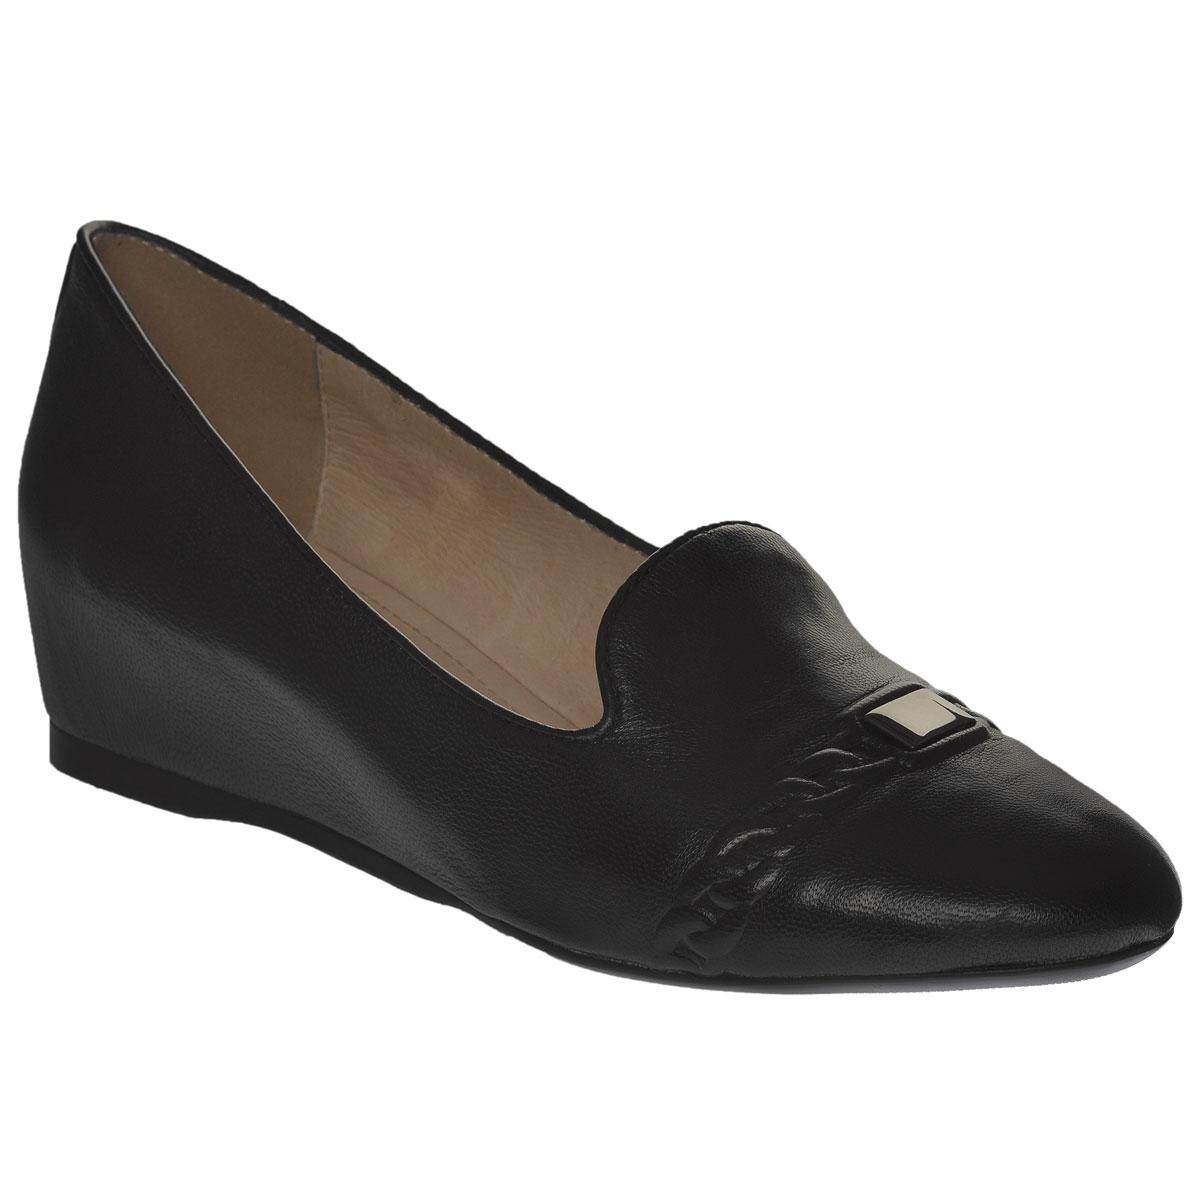 Туфли женские. 201-133-0201-133-01Роскошные туфли от Dino Ricci - незаменимая вещь в гардеробе настоящей модницы. Модель на скрытой танкетке выполнена из высококачественной натуральной кожи. Мыс изделия декорирован конгревом в виде цепи и декоративным элементом из металла. Мягкая стелька из натуральной кожи обеспечивает комфорт и удобство при ходьбе. Рифленая поверхность подошвы защищает изделие от скольжения. Трендовые туфли помогут вам создать яркий, запоминающийся образ.